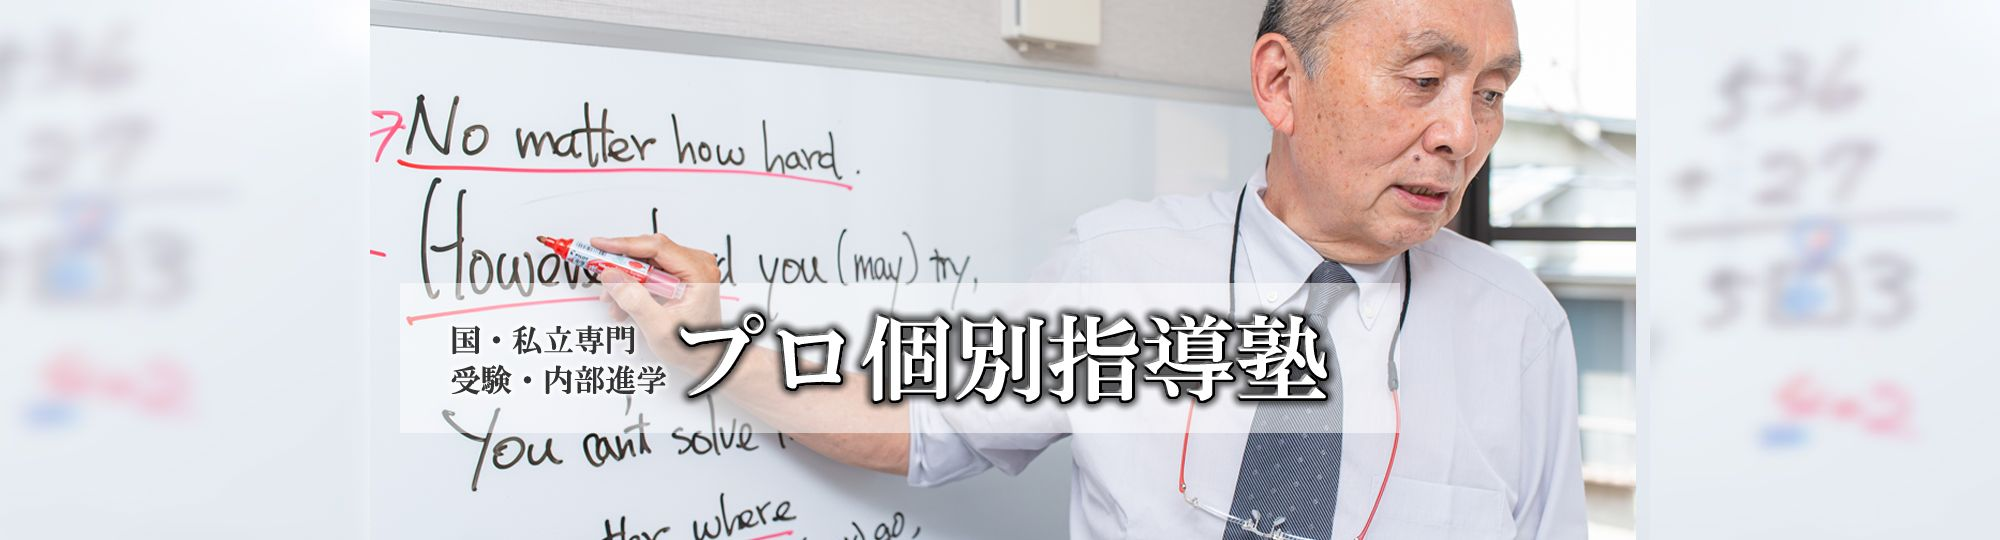 国・私立専門受験・内部進学 プロ個別指導塾